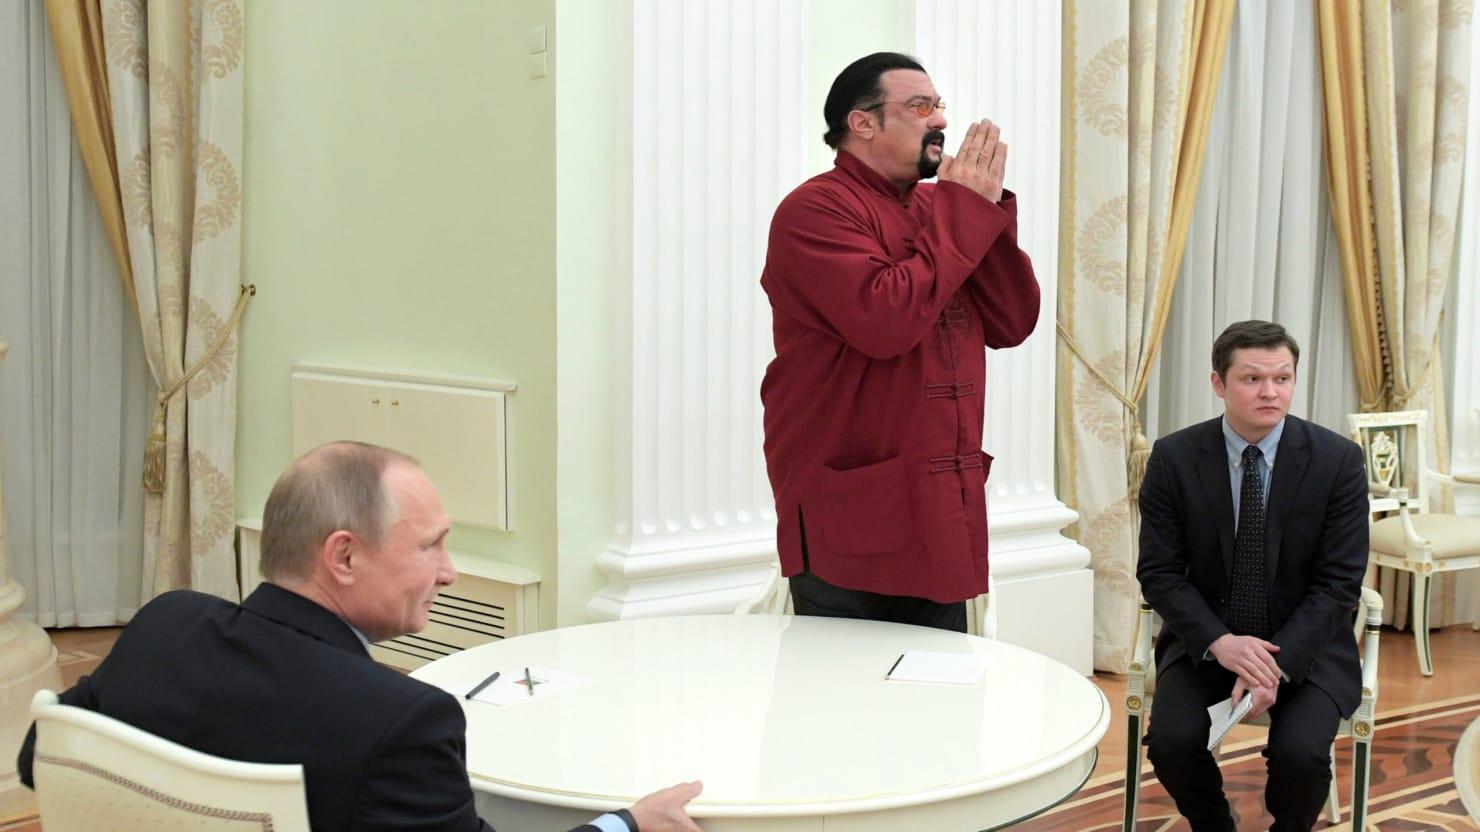 Vladimir Putin presented a Russian passport to Steven Sigalu 25.11.2016 13